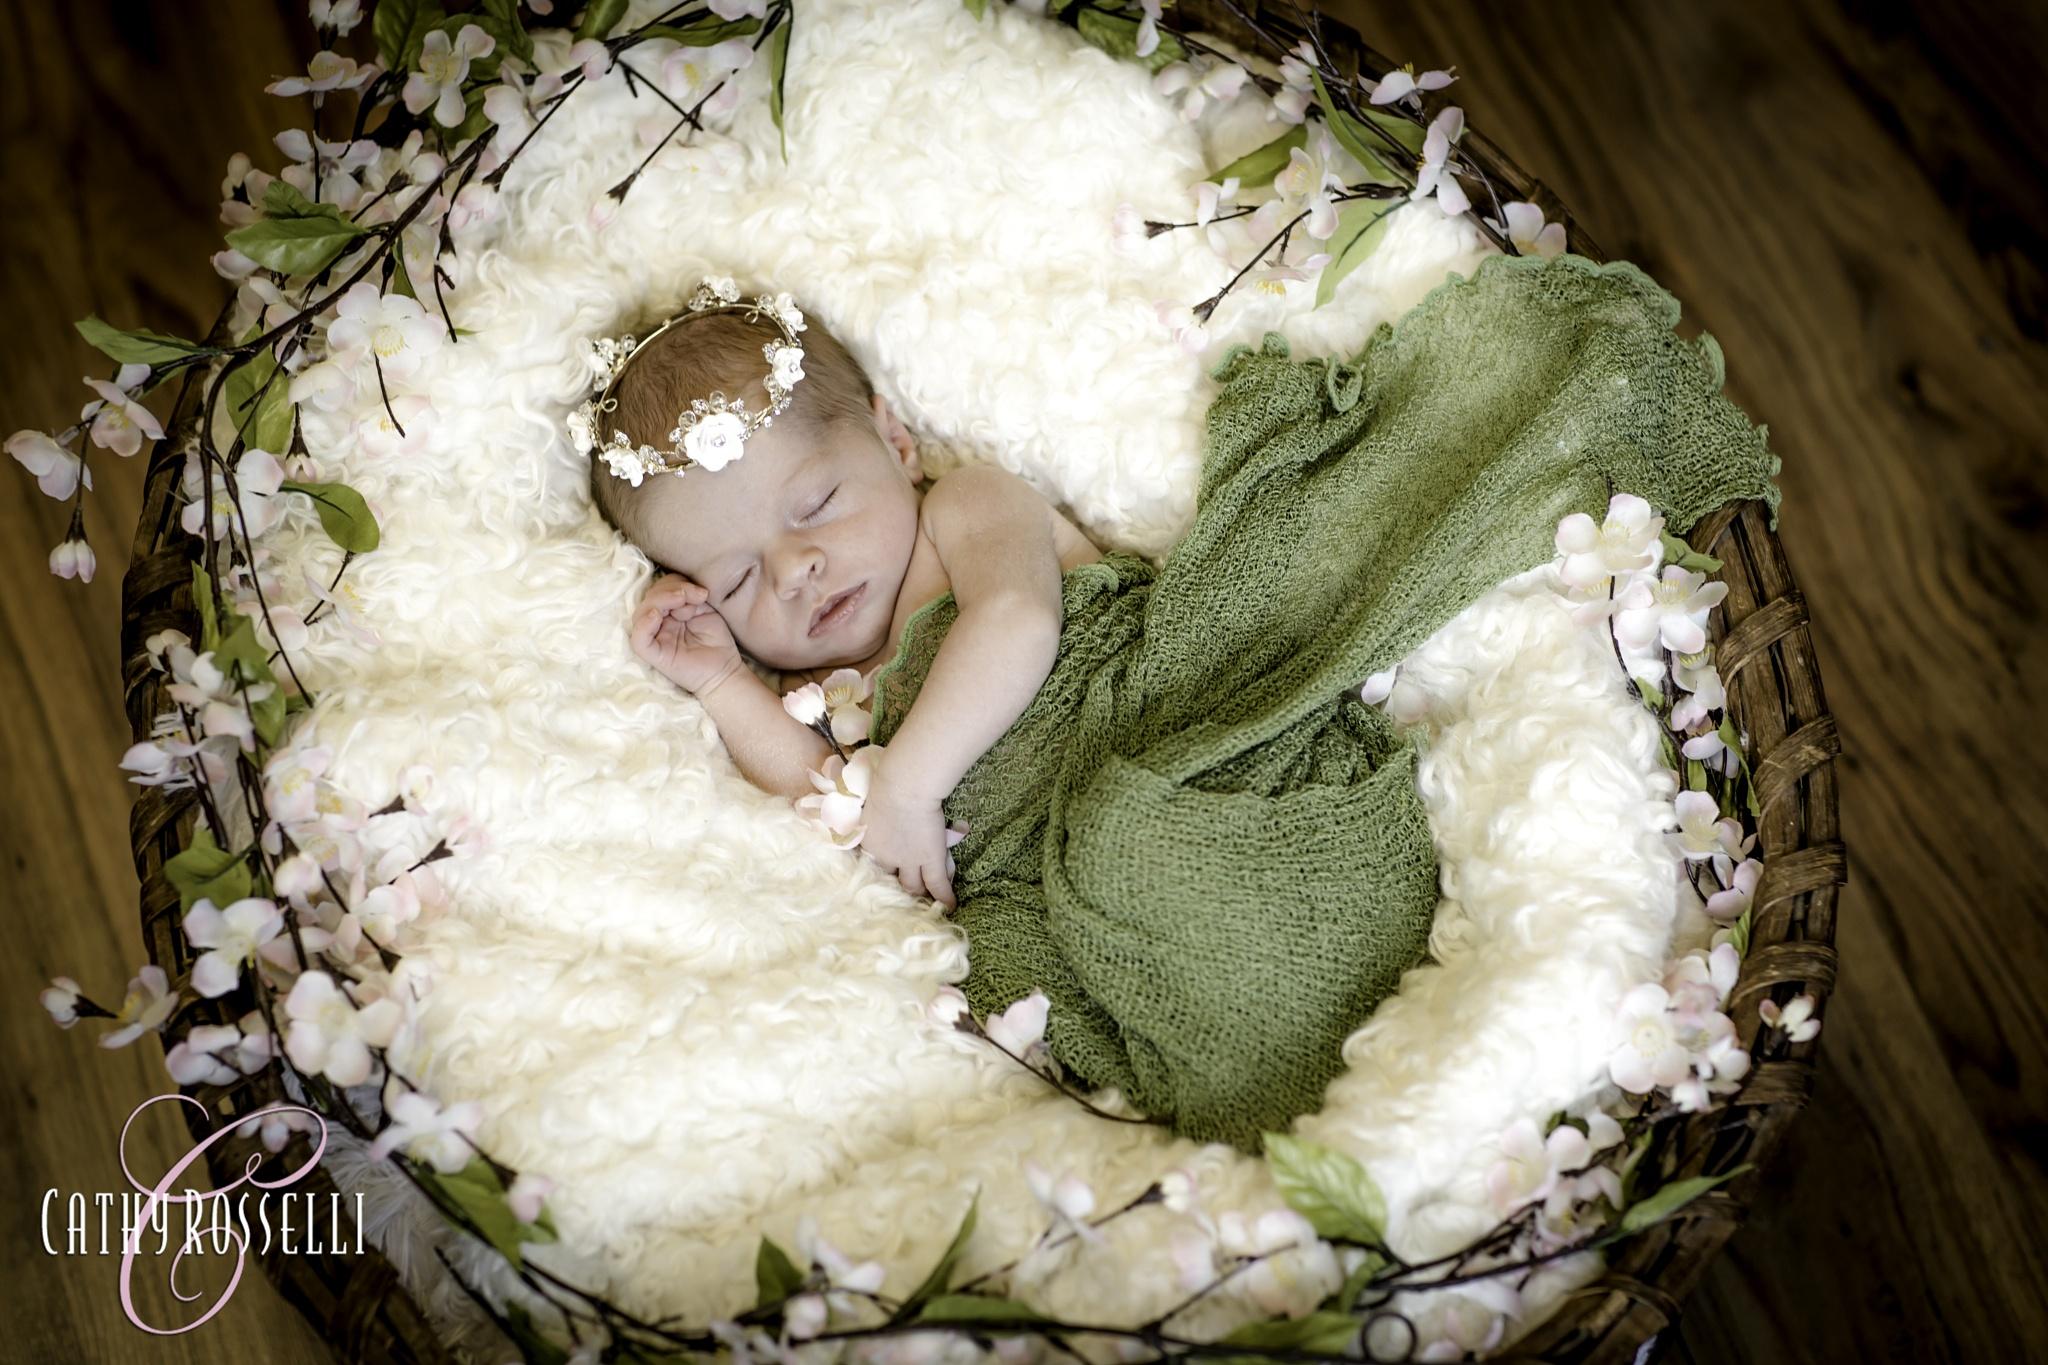 Sweet Dreams by cathyrossellistudios